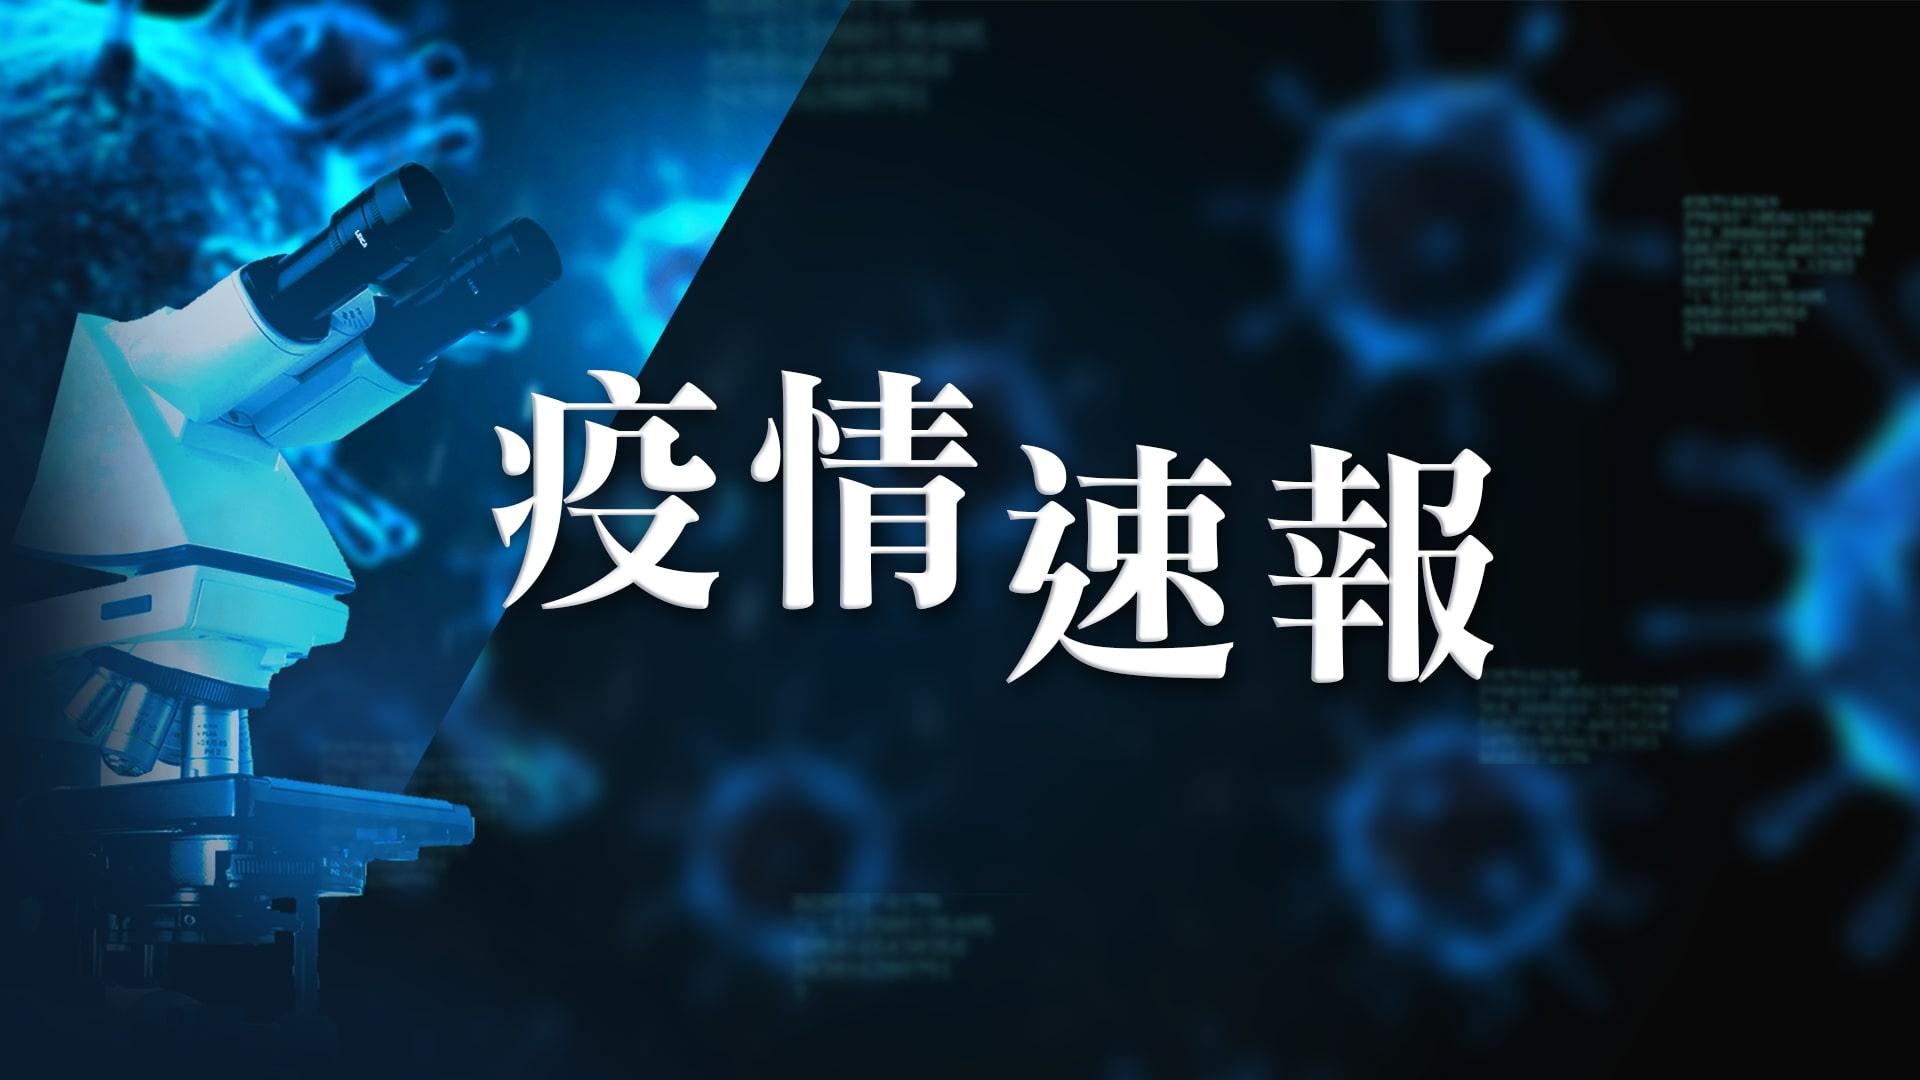 【6月18日疫情速報】(12:20)